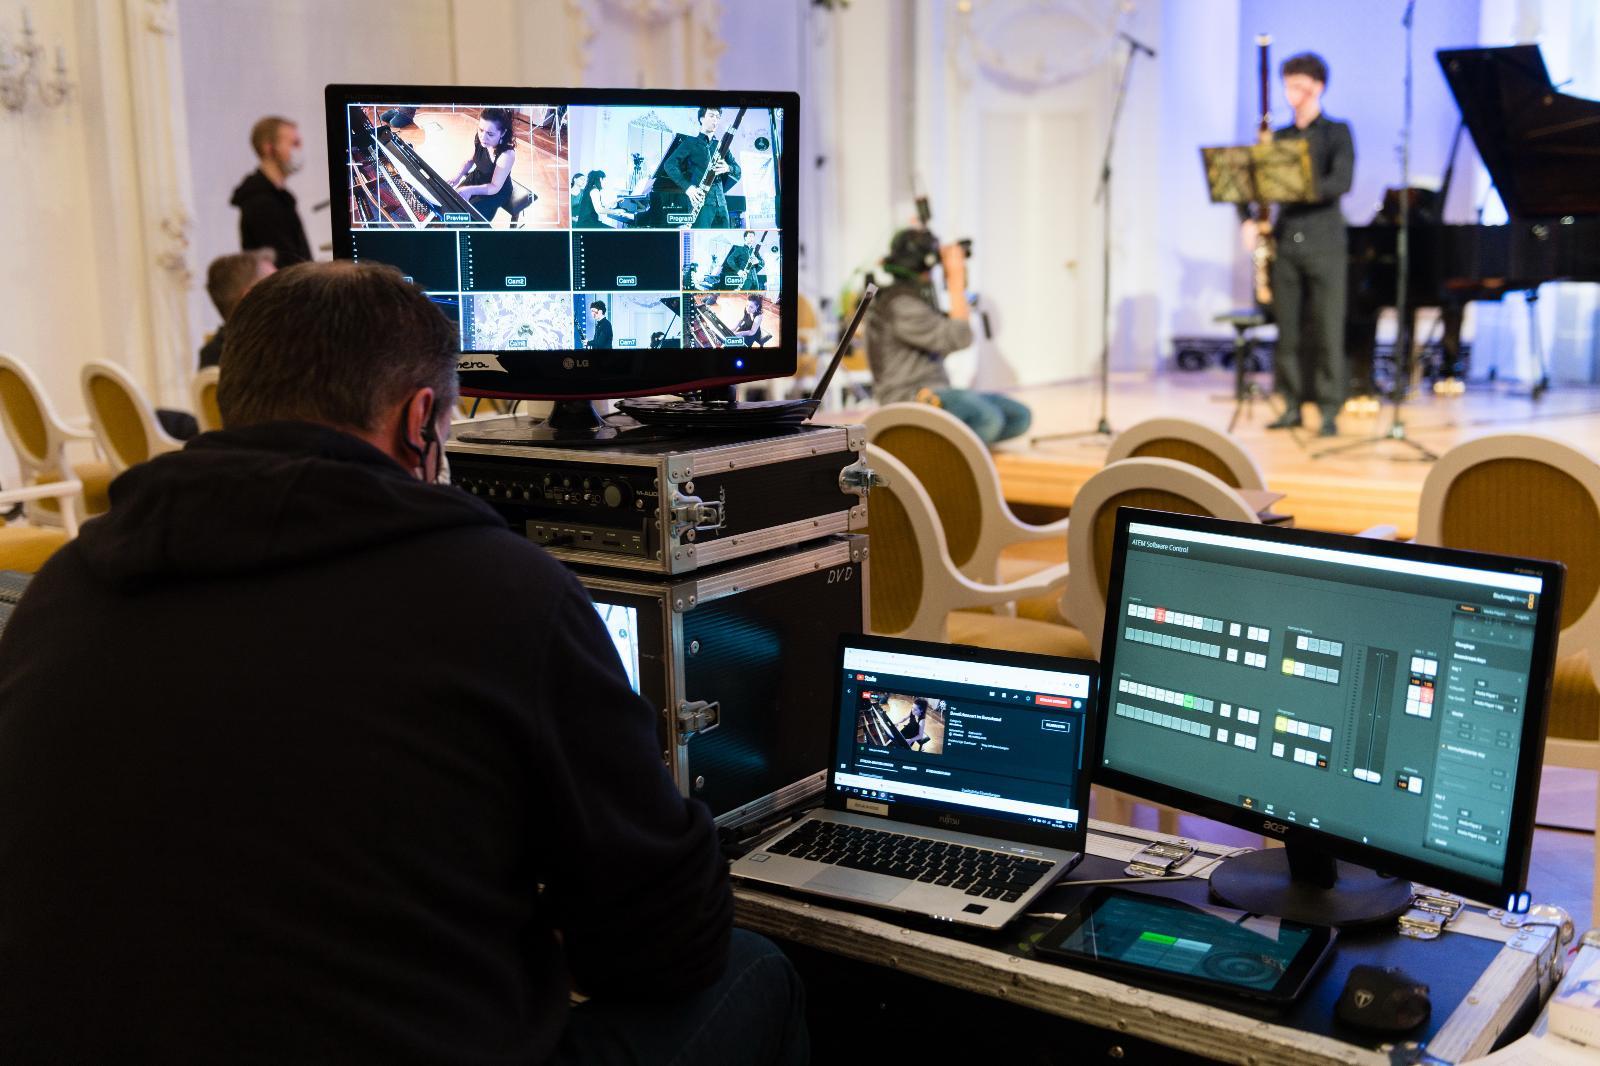 Aufwendige Technik für das beste Erlebnis an heimischen Bildschirmen. Foto: Margit Wild